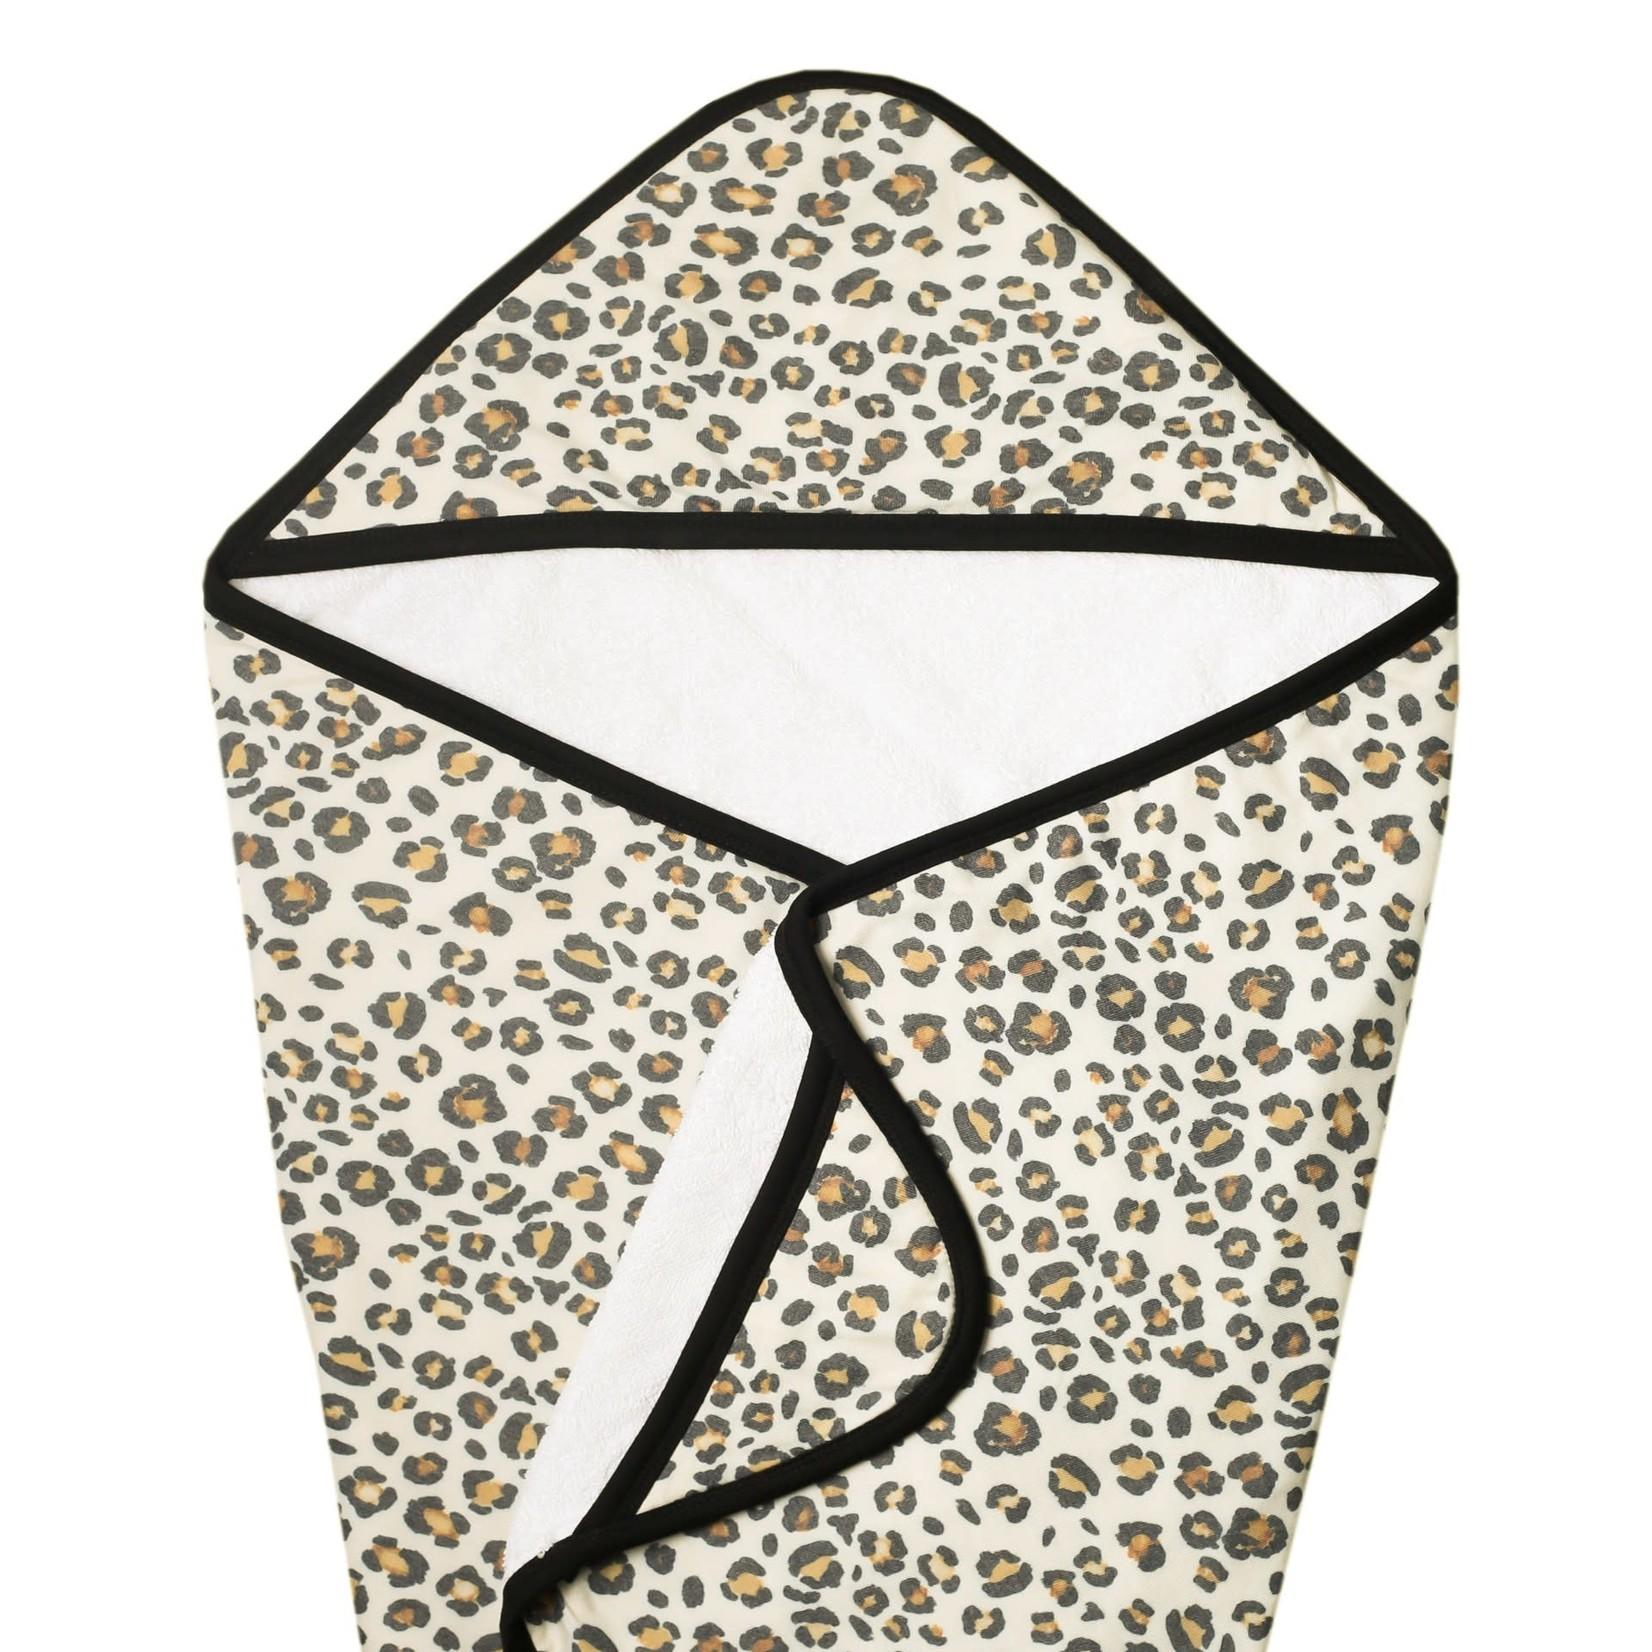 Copper Pearl Knit Hooded Towel - Zara